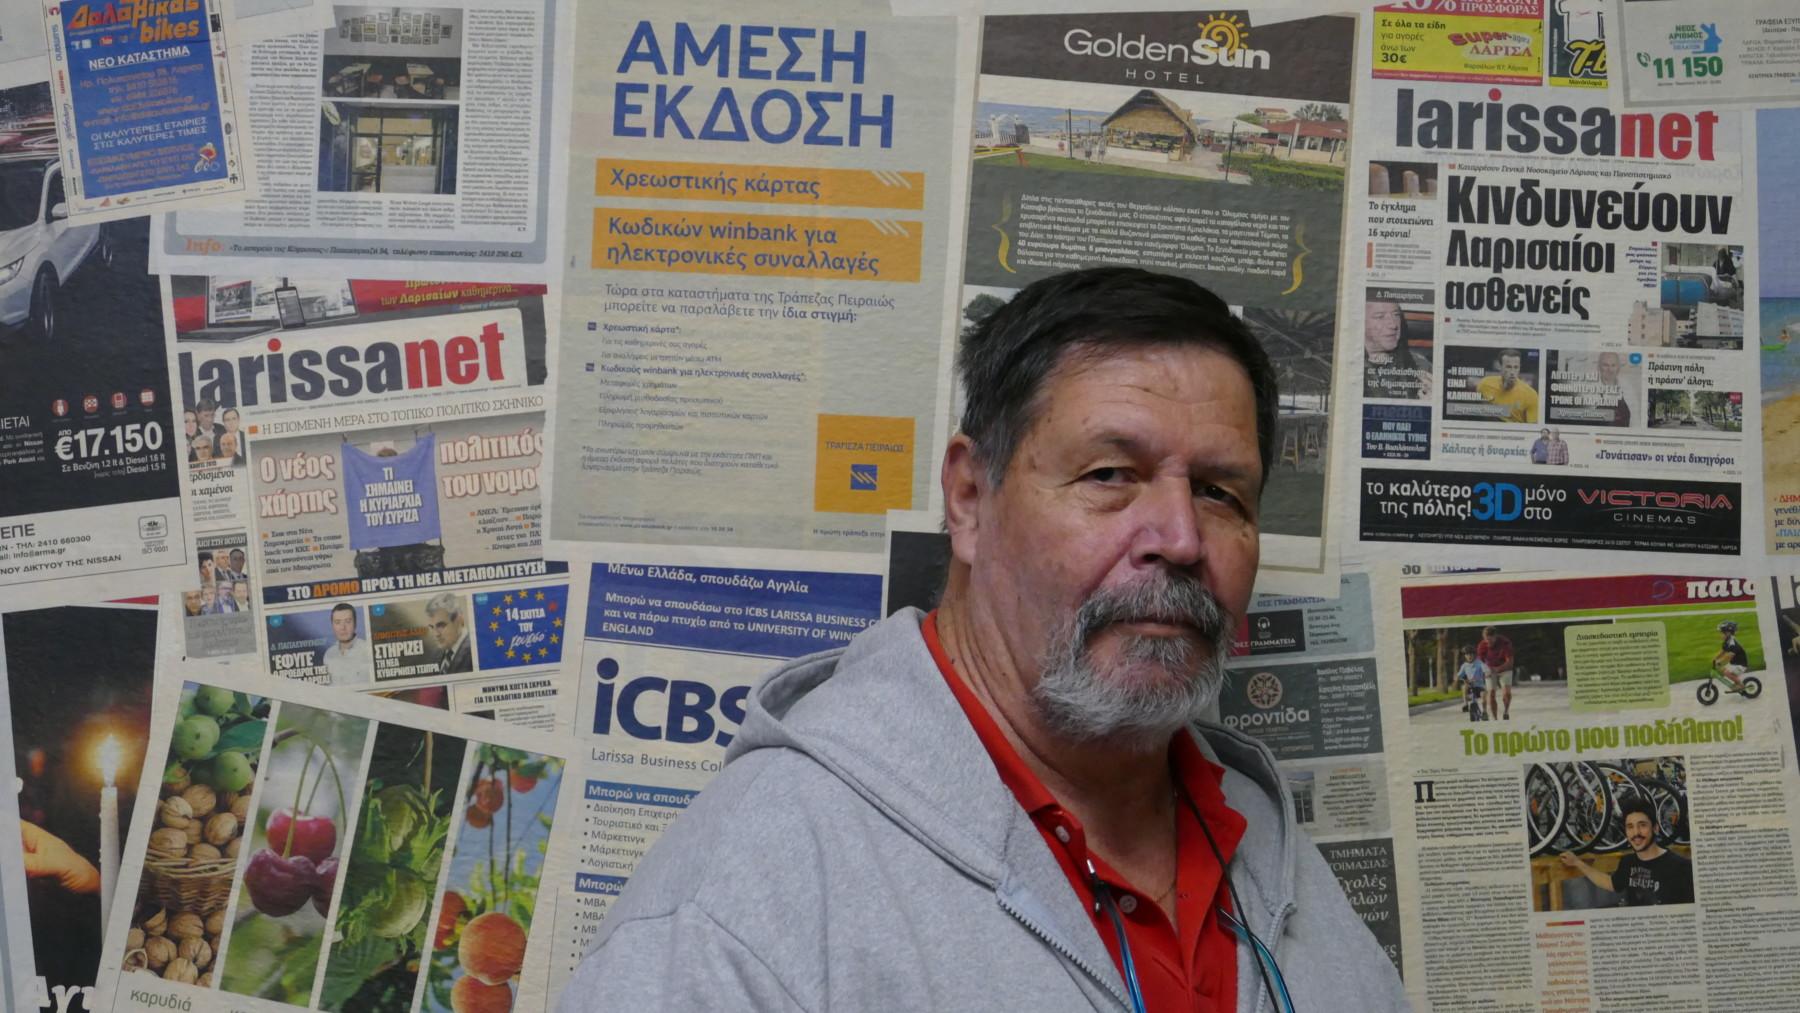 Ο κ. Σωτήρης Αναγνωστόπουλος στα γραφεία της larissanet